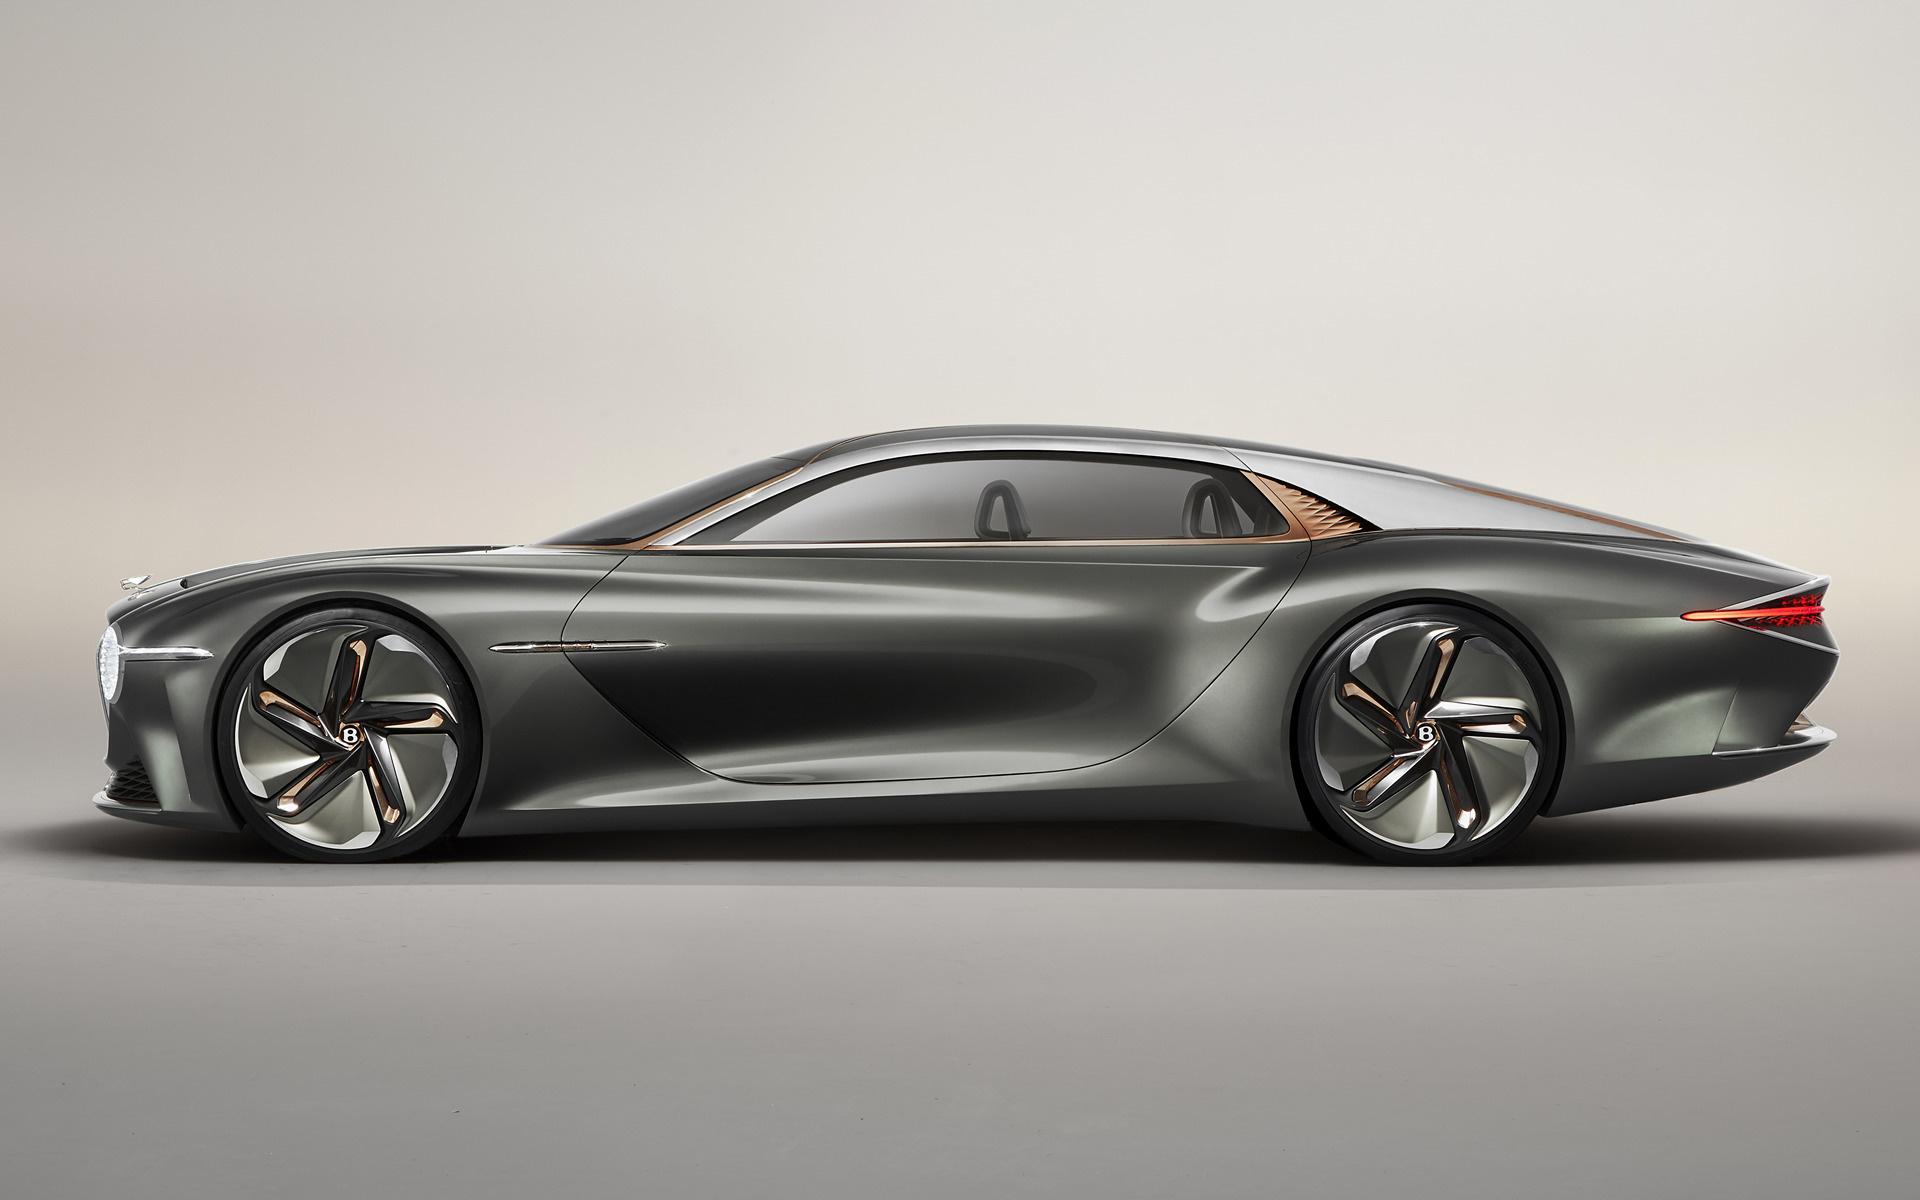 Luxury Vehicle: 2019 Bentley EXP 100 GT Concept